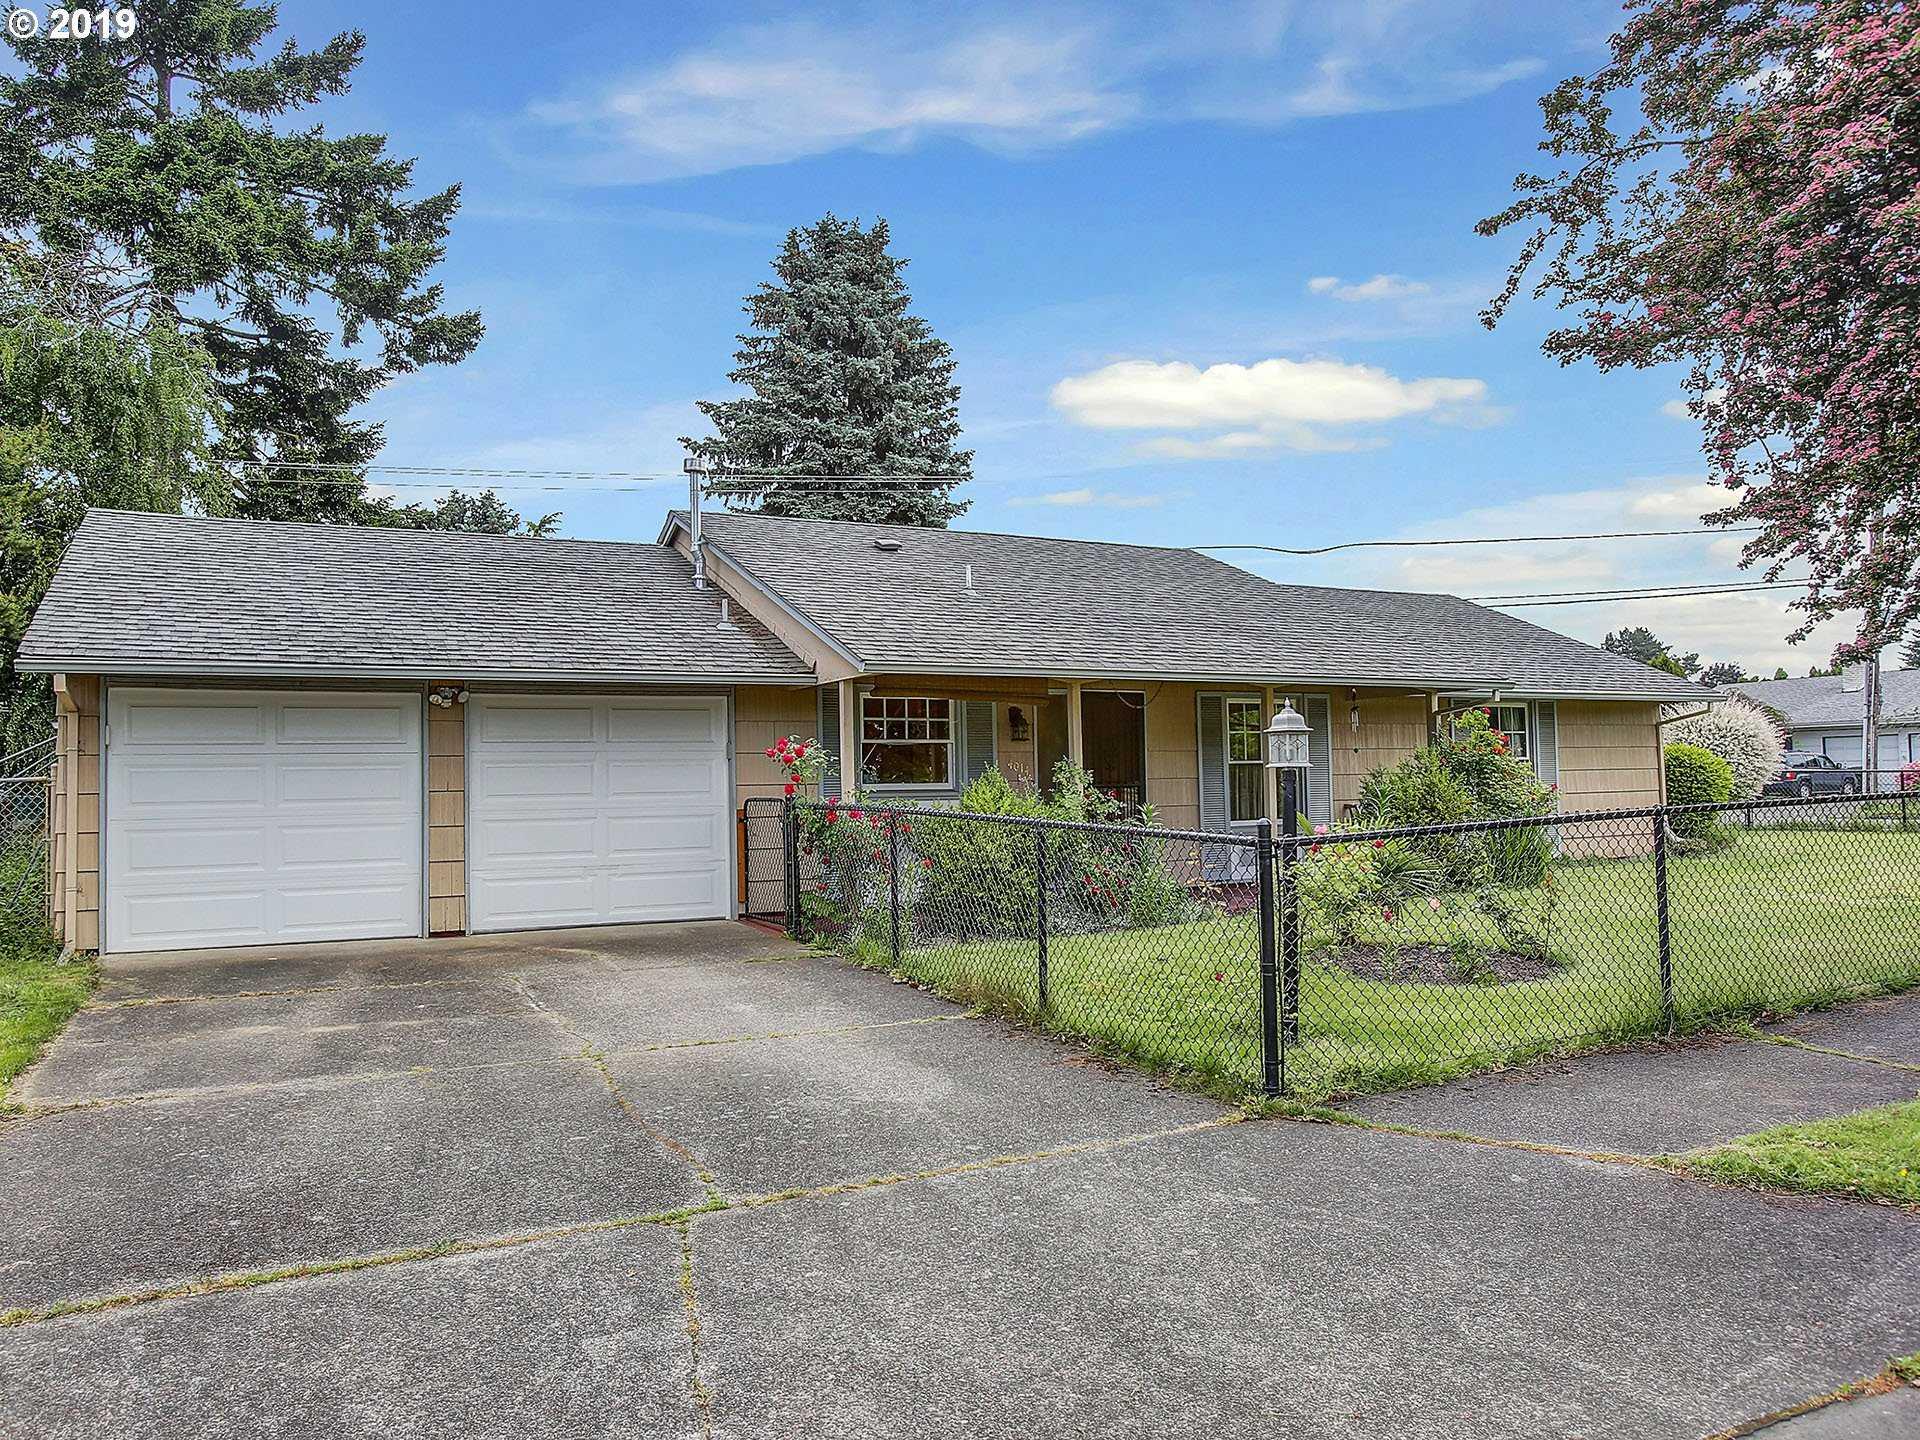 $335,000 - 3Br/2Ba -  for Sale in Argay Terrace, Portland